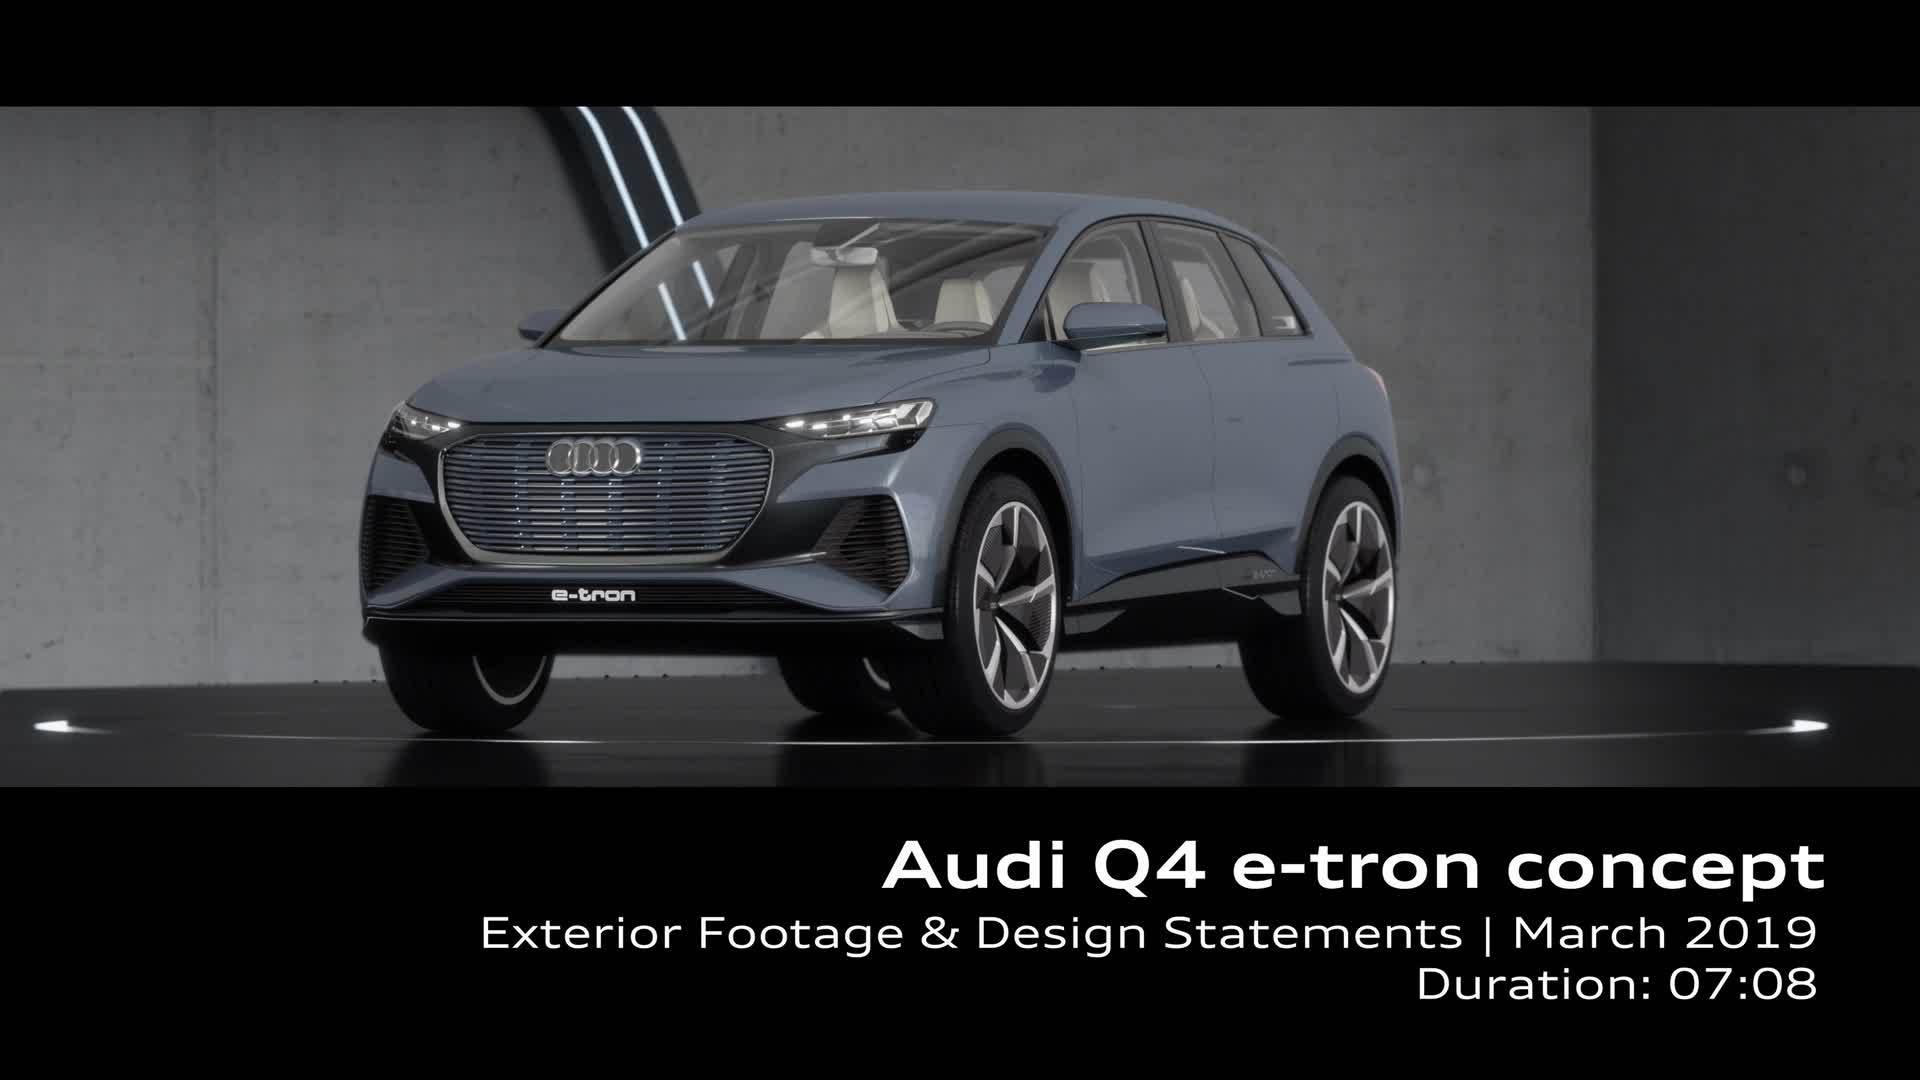 Audi Q4 e-tron concept (Footage)